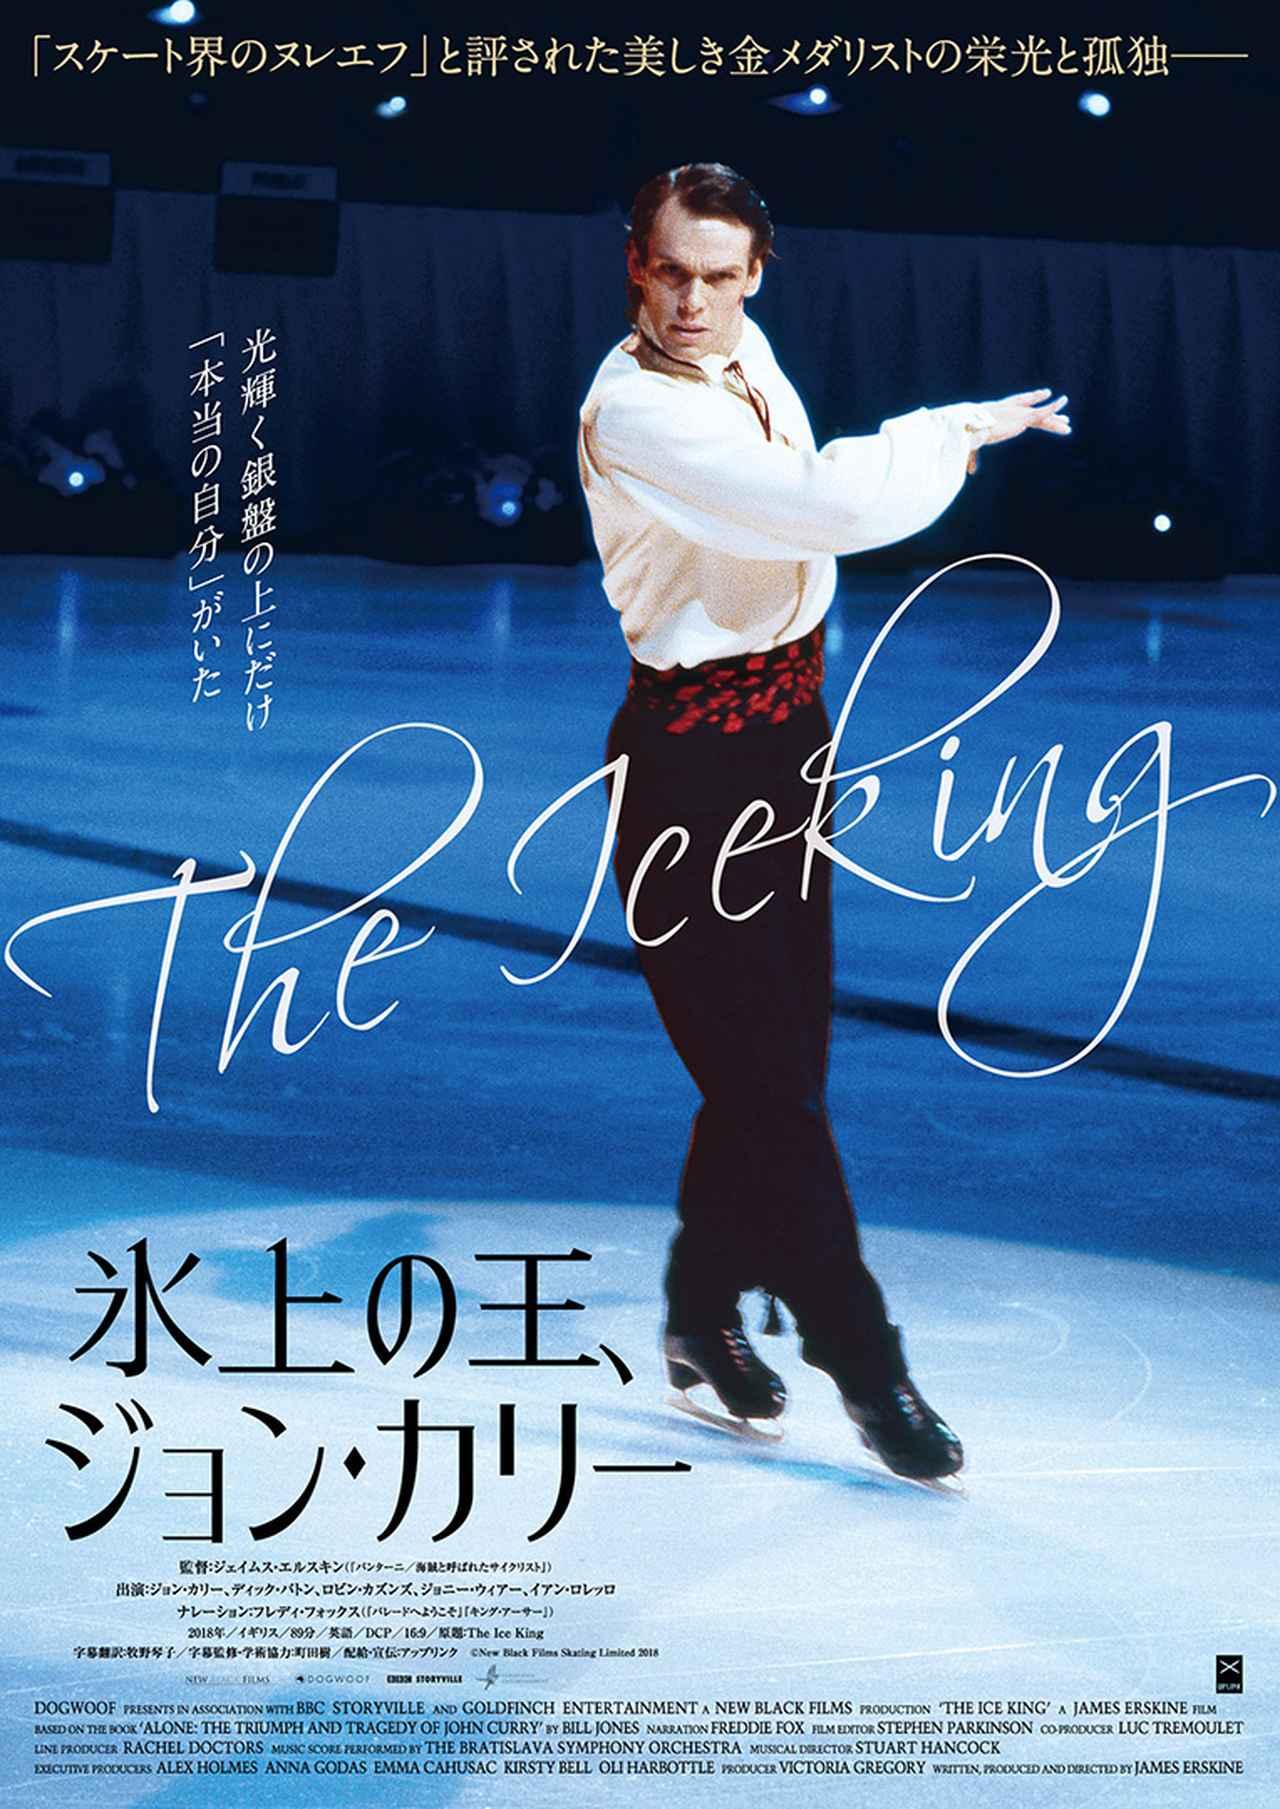 画像: 美しき英国のフィギュアスケート金メダリストの栄光と孤独を描く『氷上の王、ジョン・カリー』公開決定